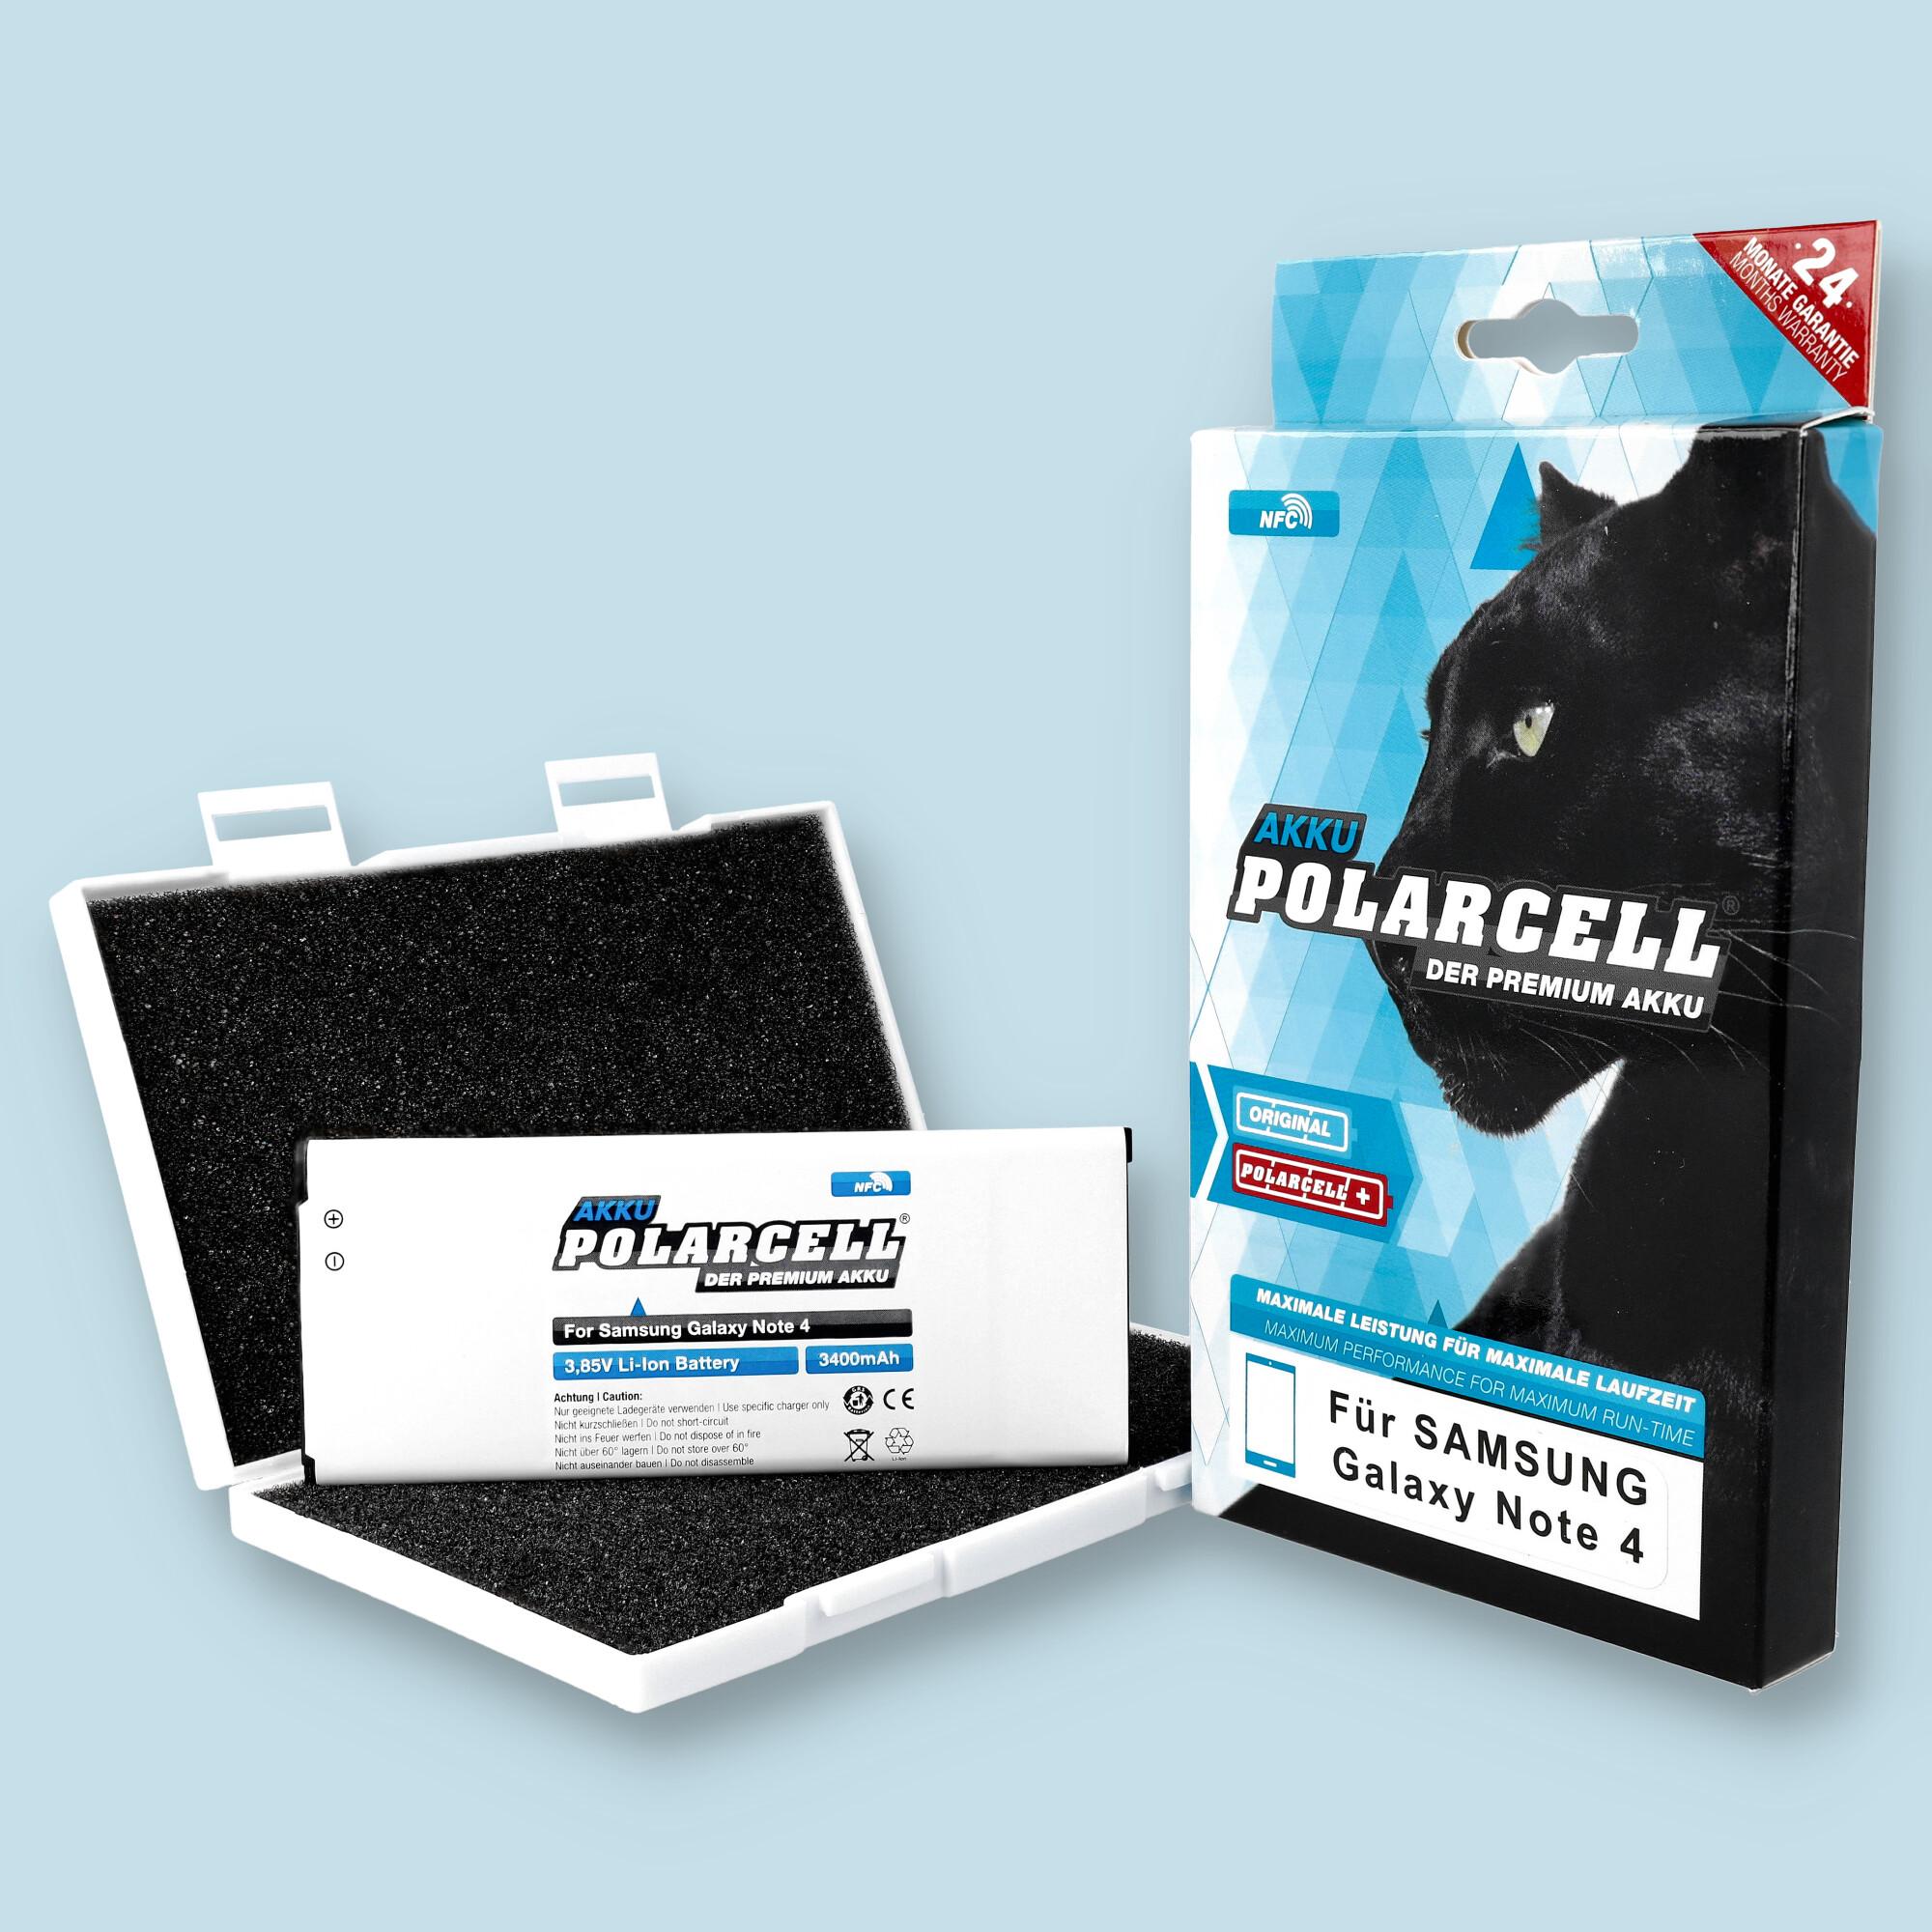 PolarCell® Hochleistungsakku für Samsung Galaxy Galaxy Note 4 SM-N910F mit NFC-Antenne, ersetzt Originalakku EB-BN910BBE - EB-BN910BBC - EB-BN910BBK